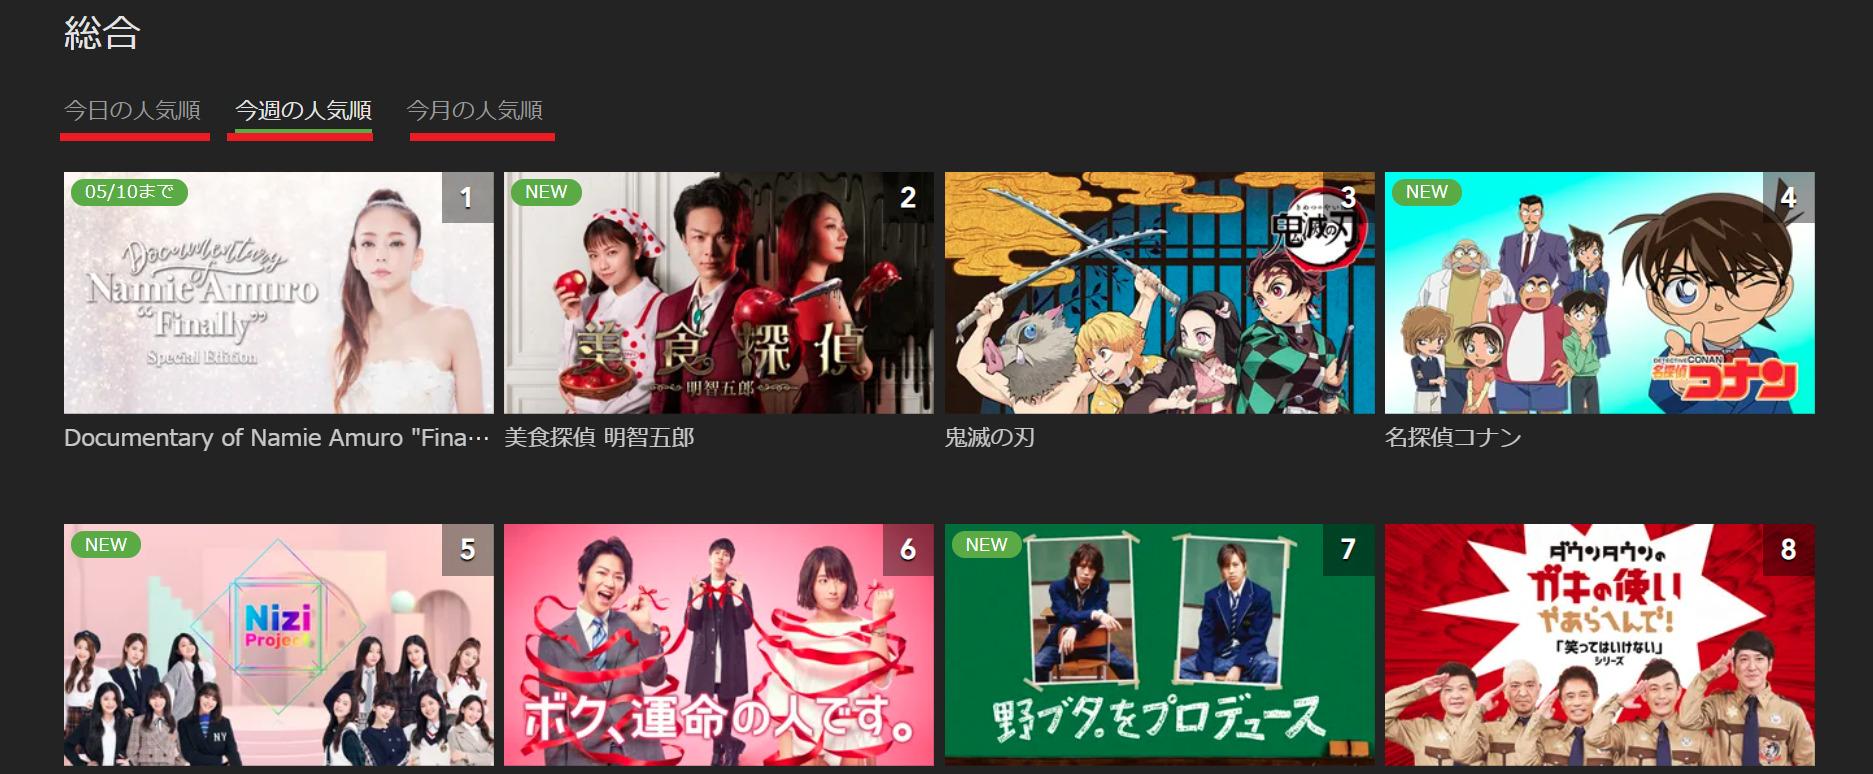 Huluのランキング機能